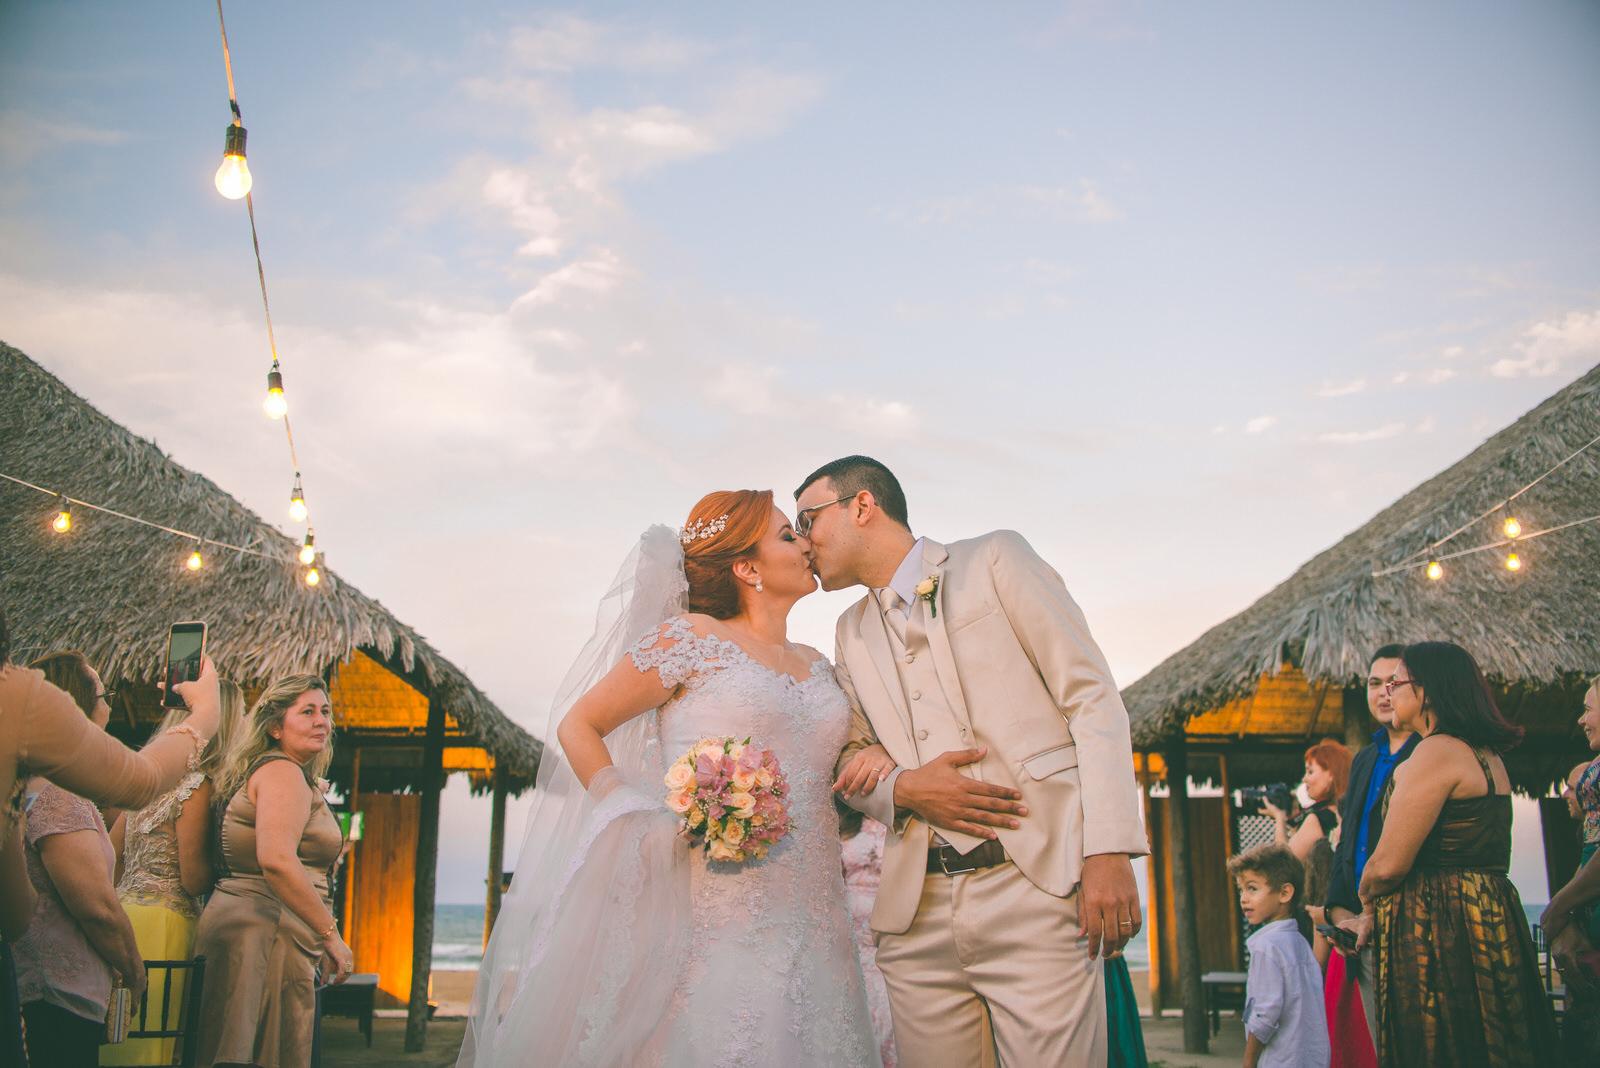 casamento-em-barraca-solarium-praia-do-futuro-53